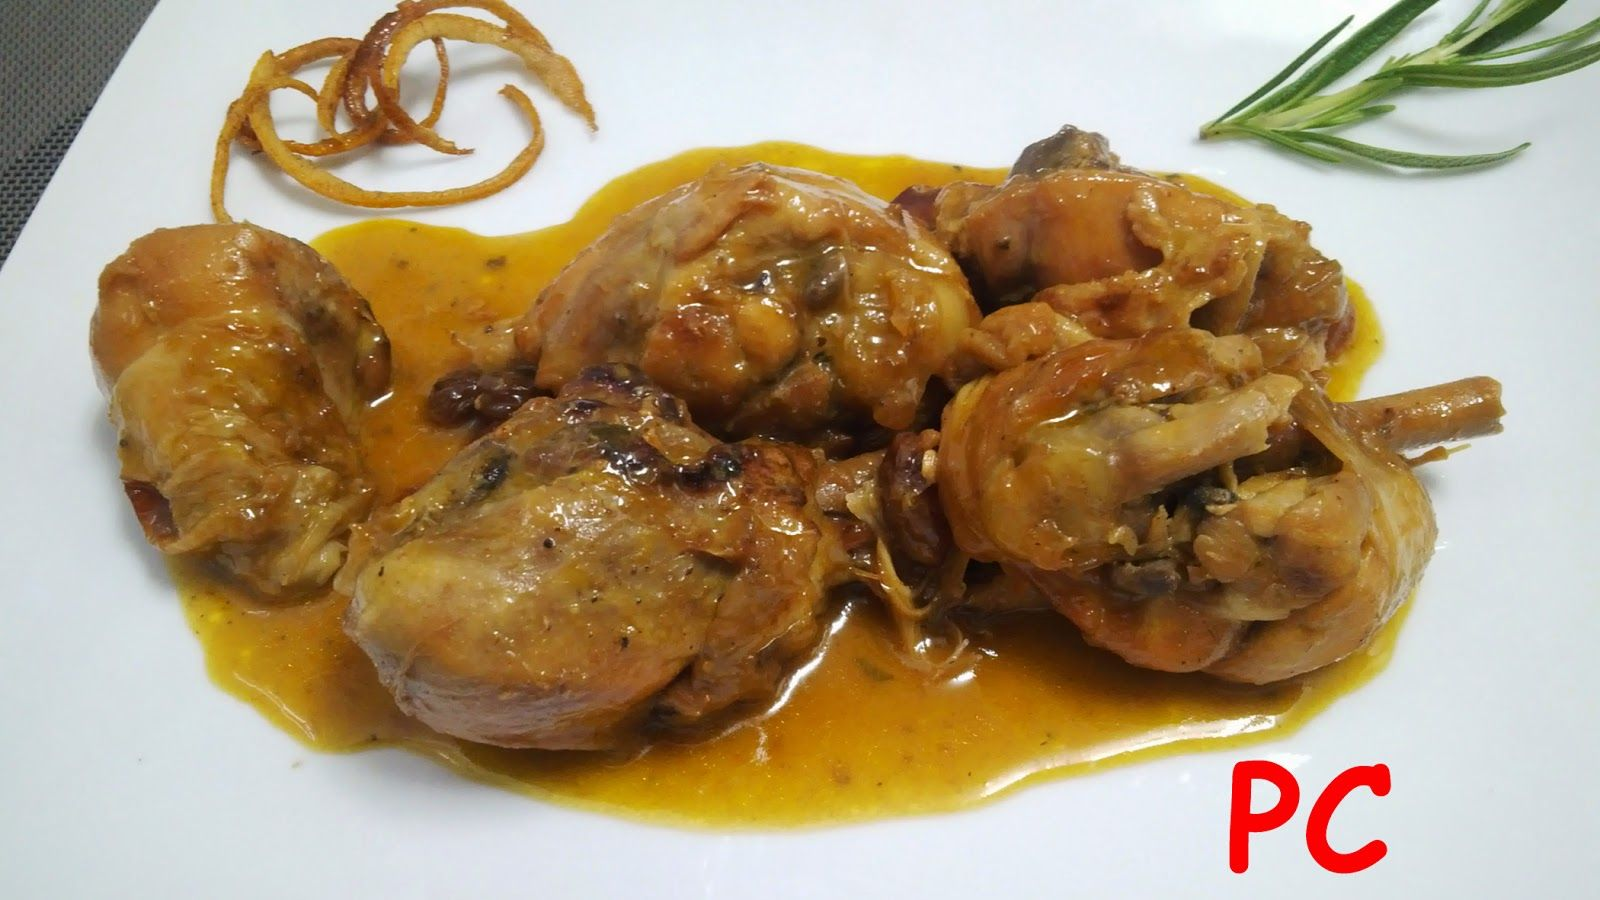 Nuestros Placeres En La Cocina Pollo Con Salsa De Mandarina Al Vino Blanco Pollo En Salsa Recetas De Cocina Fáciles Pollo